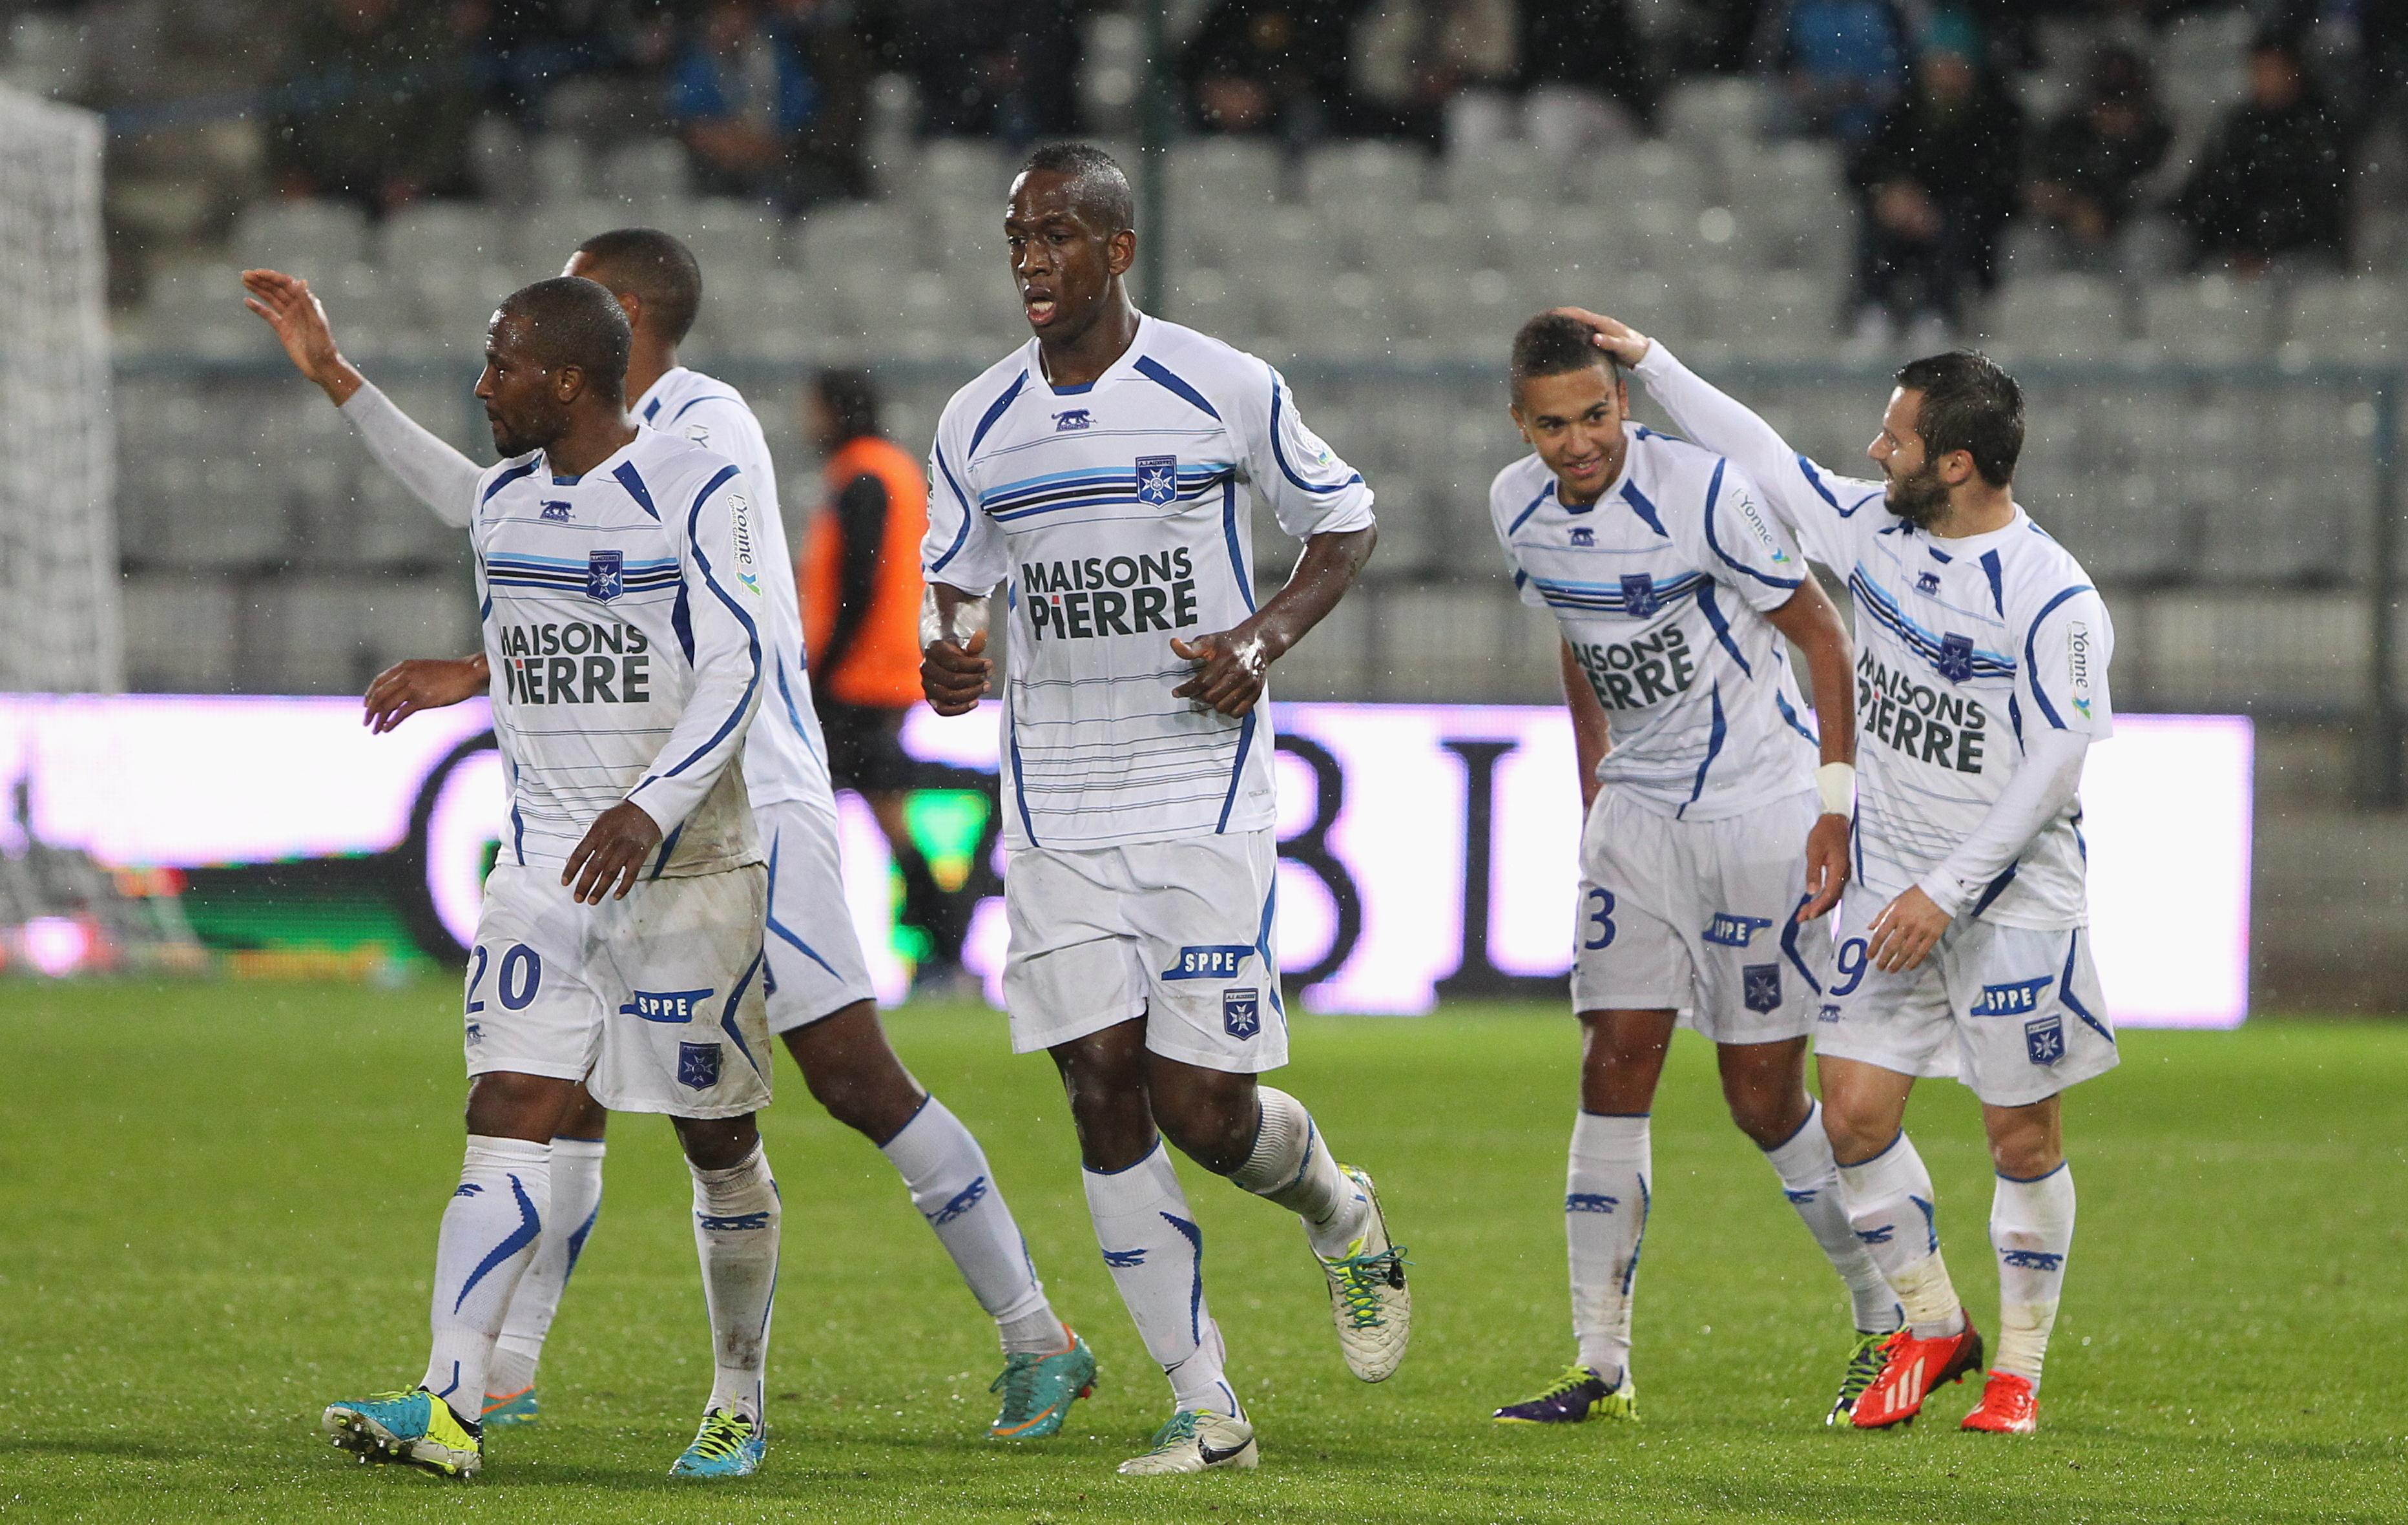 La l2 entre en coupe de france coupe de france football - Football coupe de france ...